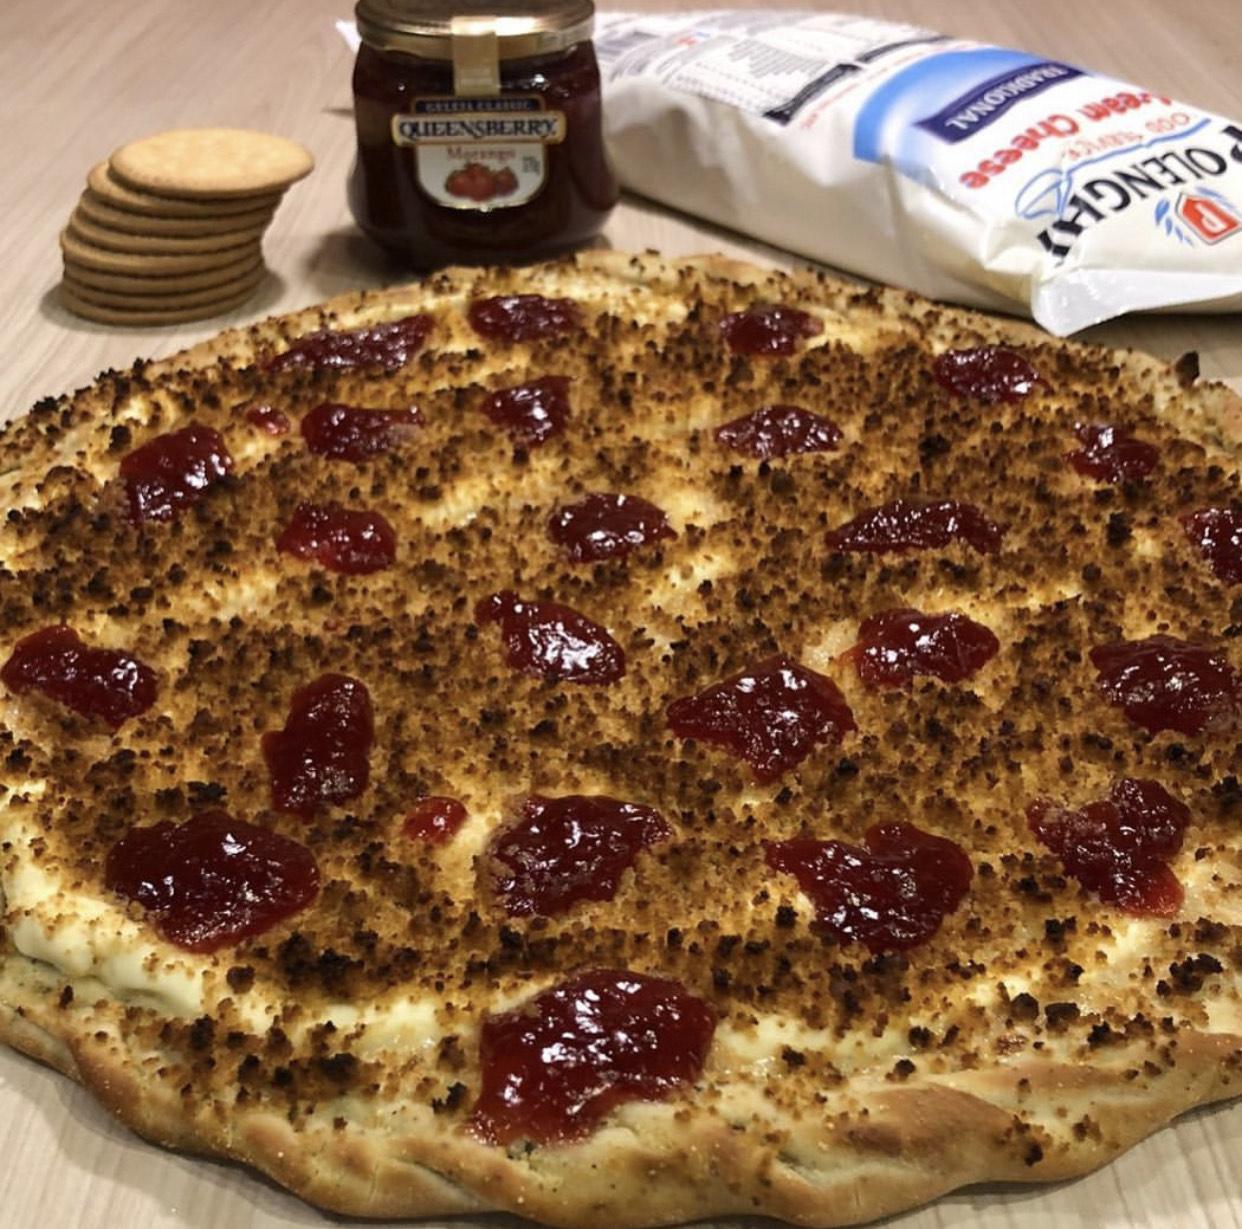 A Hot Box Pizza chegou no Barato com o cardápio mais ousado de Fortaleza! Pizza Grande Hot Supreme ou Peito de Peru Prime de R$65 por apenas R$45,50 + 20% extra em 1 pizza doce! #Diadocliente